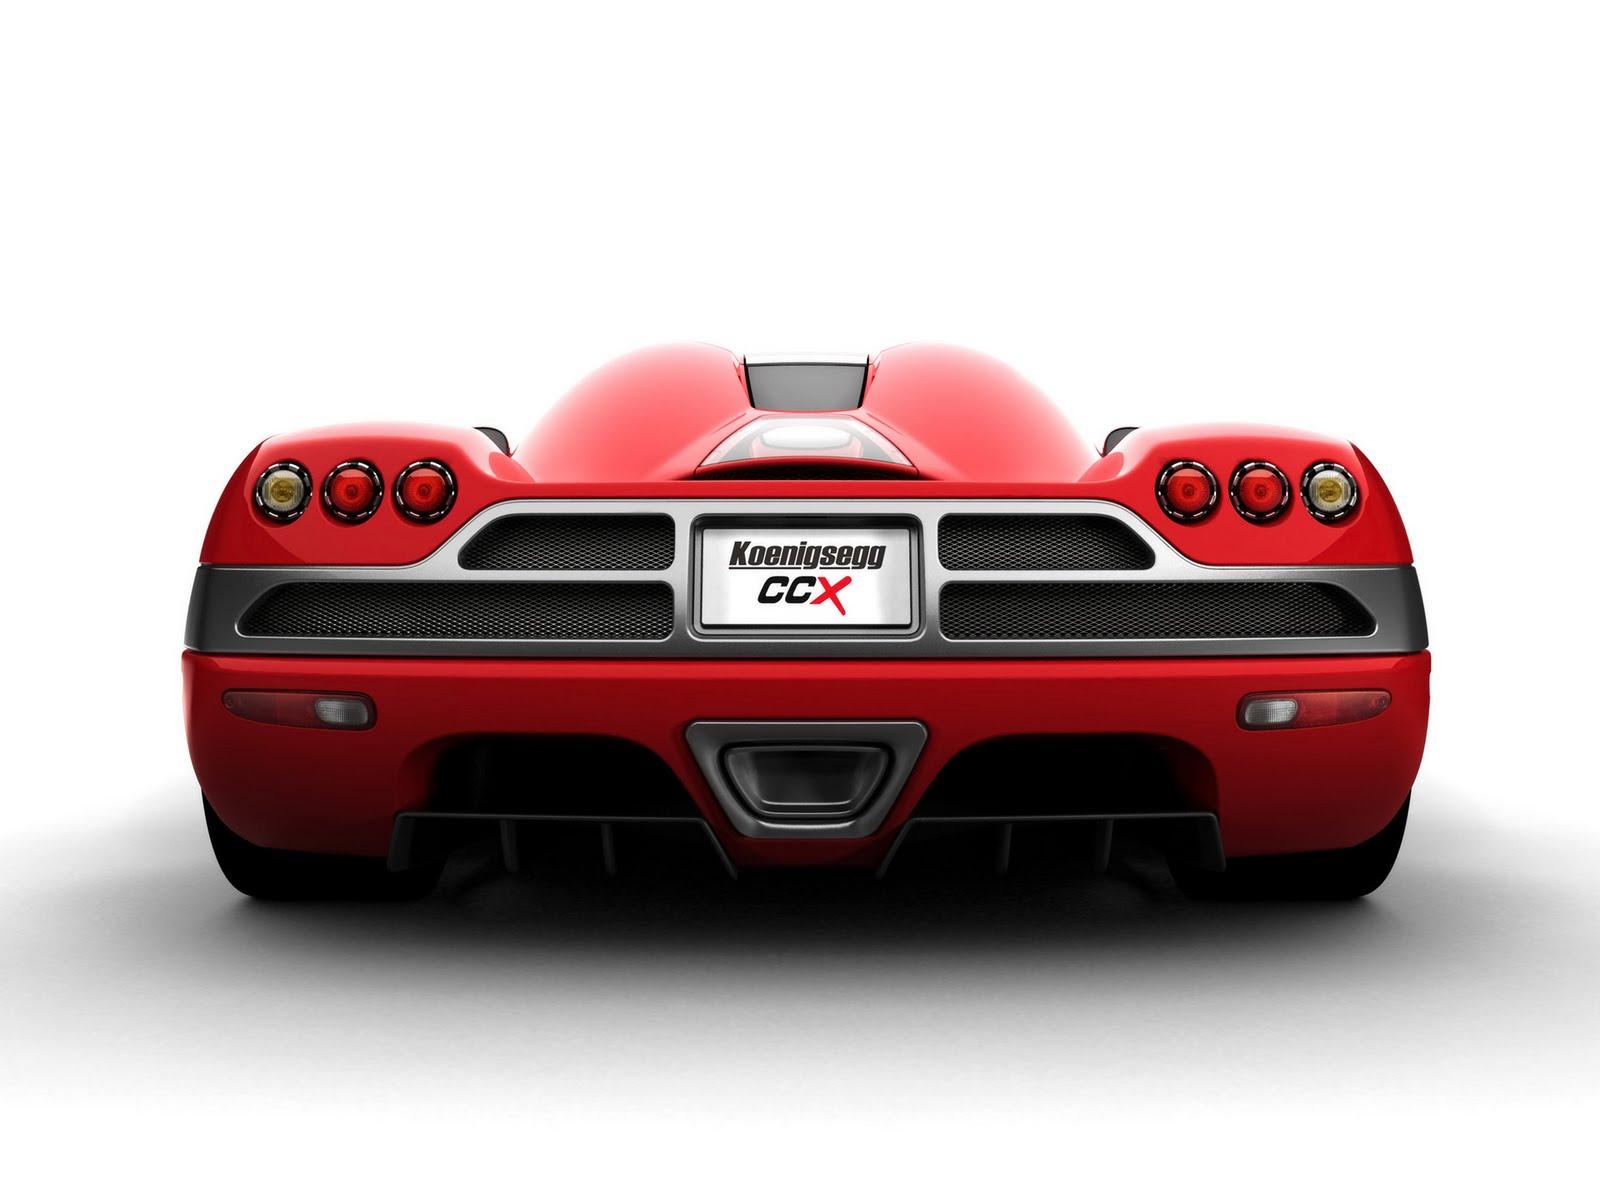 autos koenigsegg ccx cars - photo #33